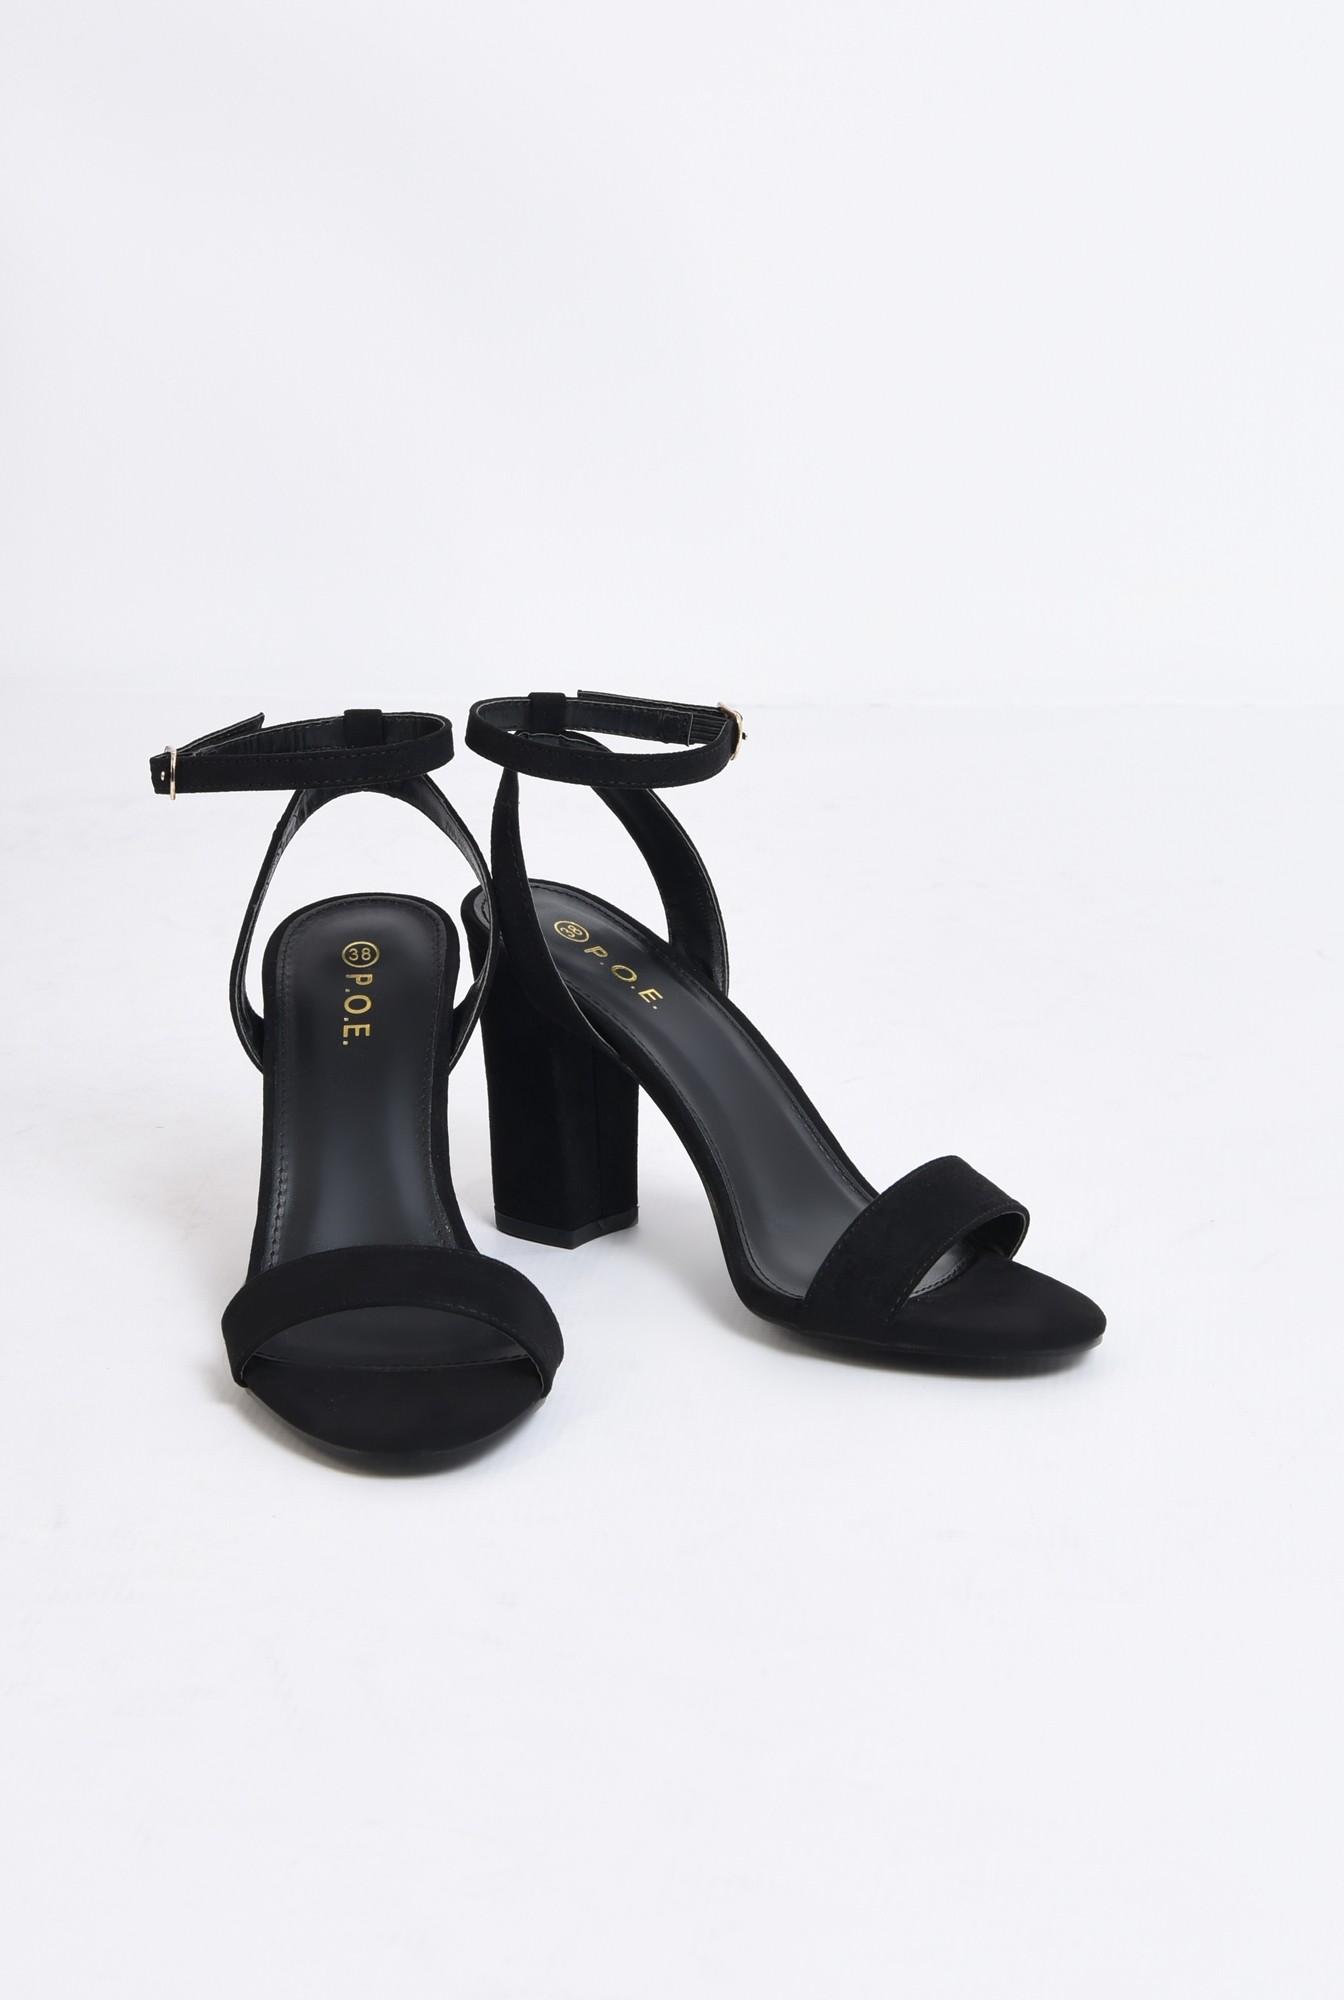 3 - sandale elegante, negre, din catifea, toc gros